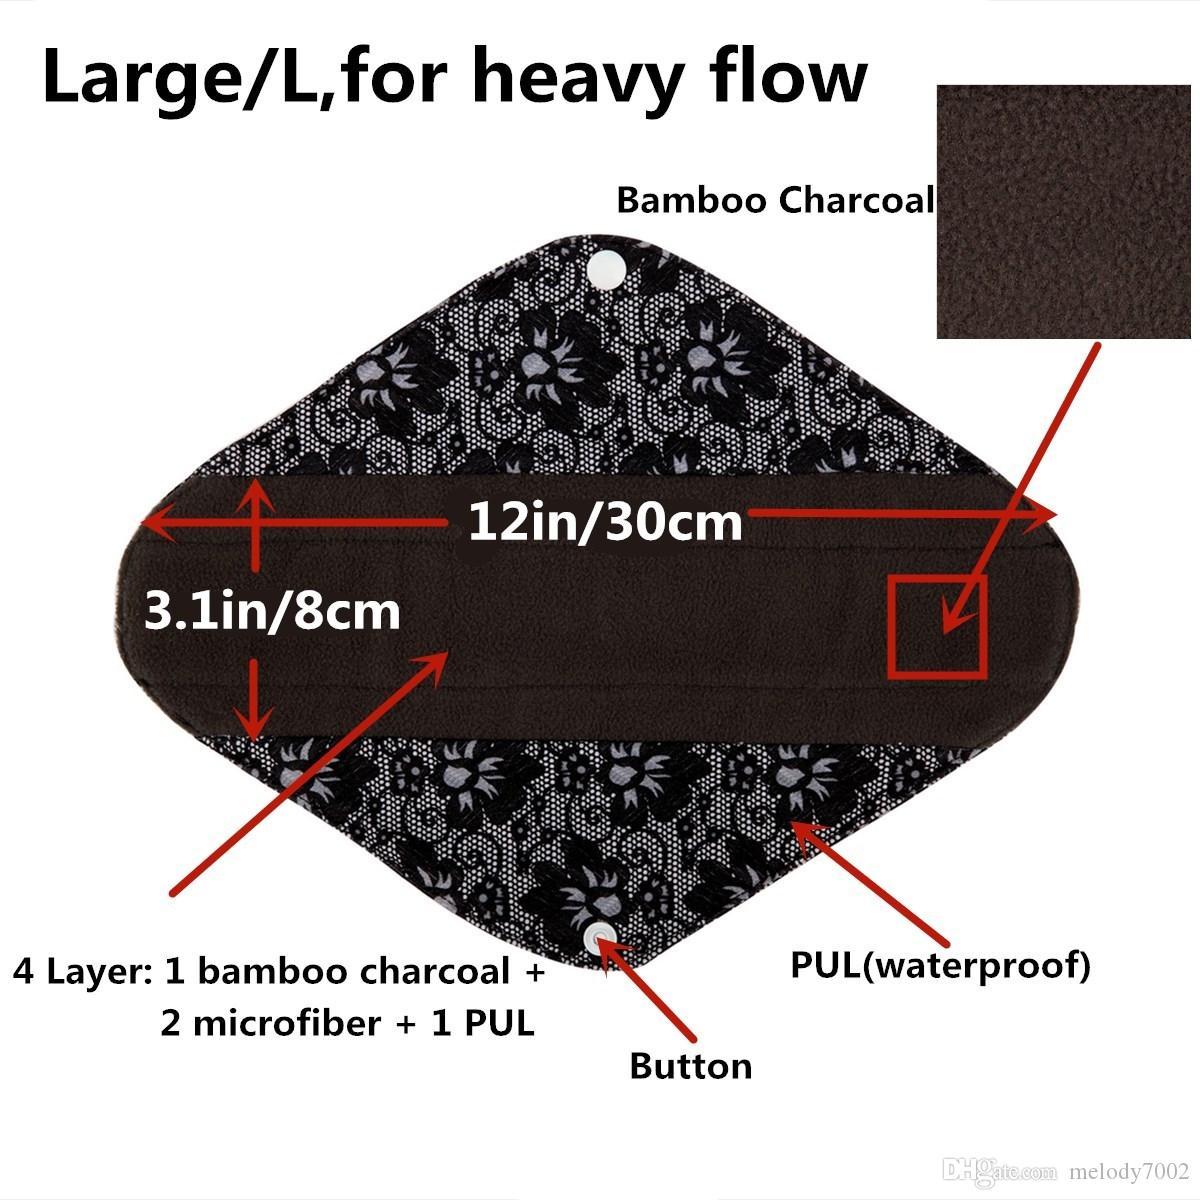 [Sigzagor] وسادات فحم بامبو من القماش الكثيف كبيرة الحجم ، مقاس 12 بوصة ، وسائد ماما قابلة للحمل ، قابلة لإعادة الاستخدام وقابل للغسل ، L 21 اختيارات